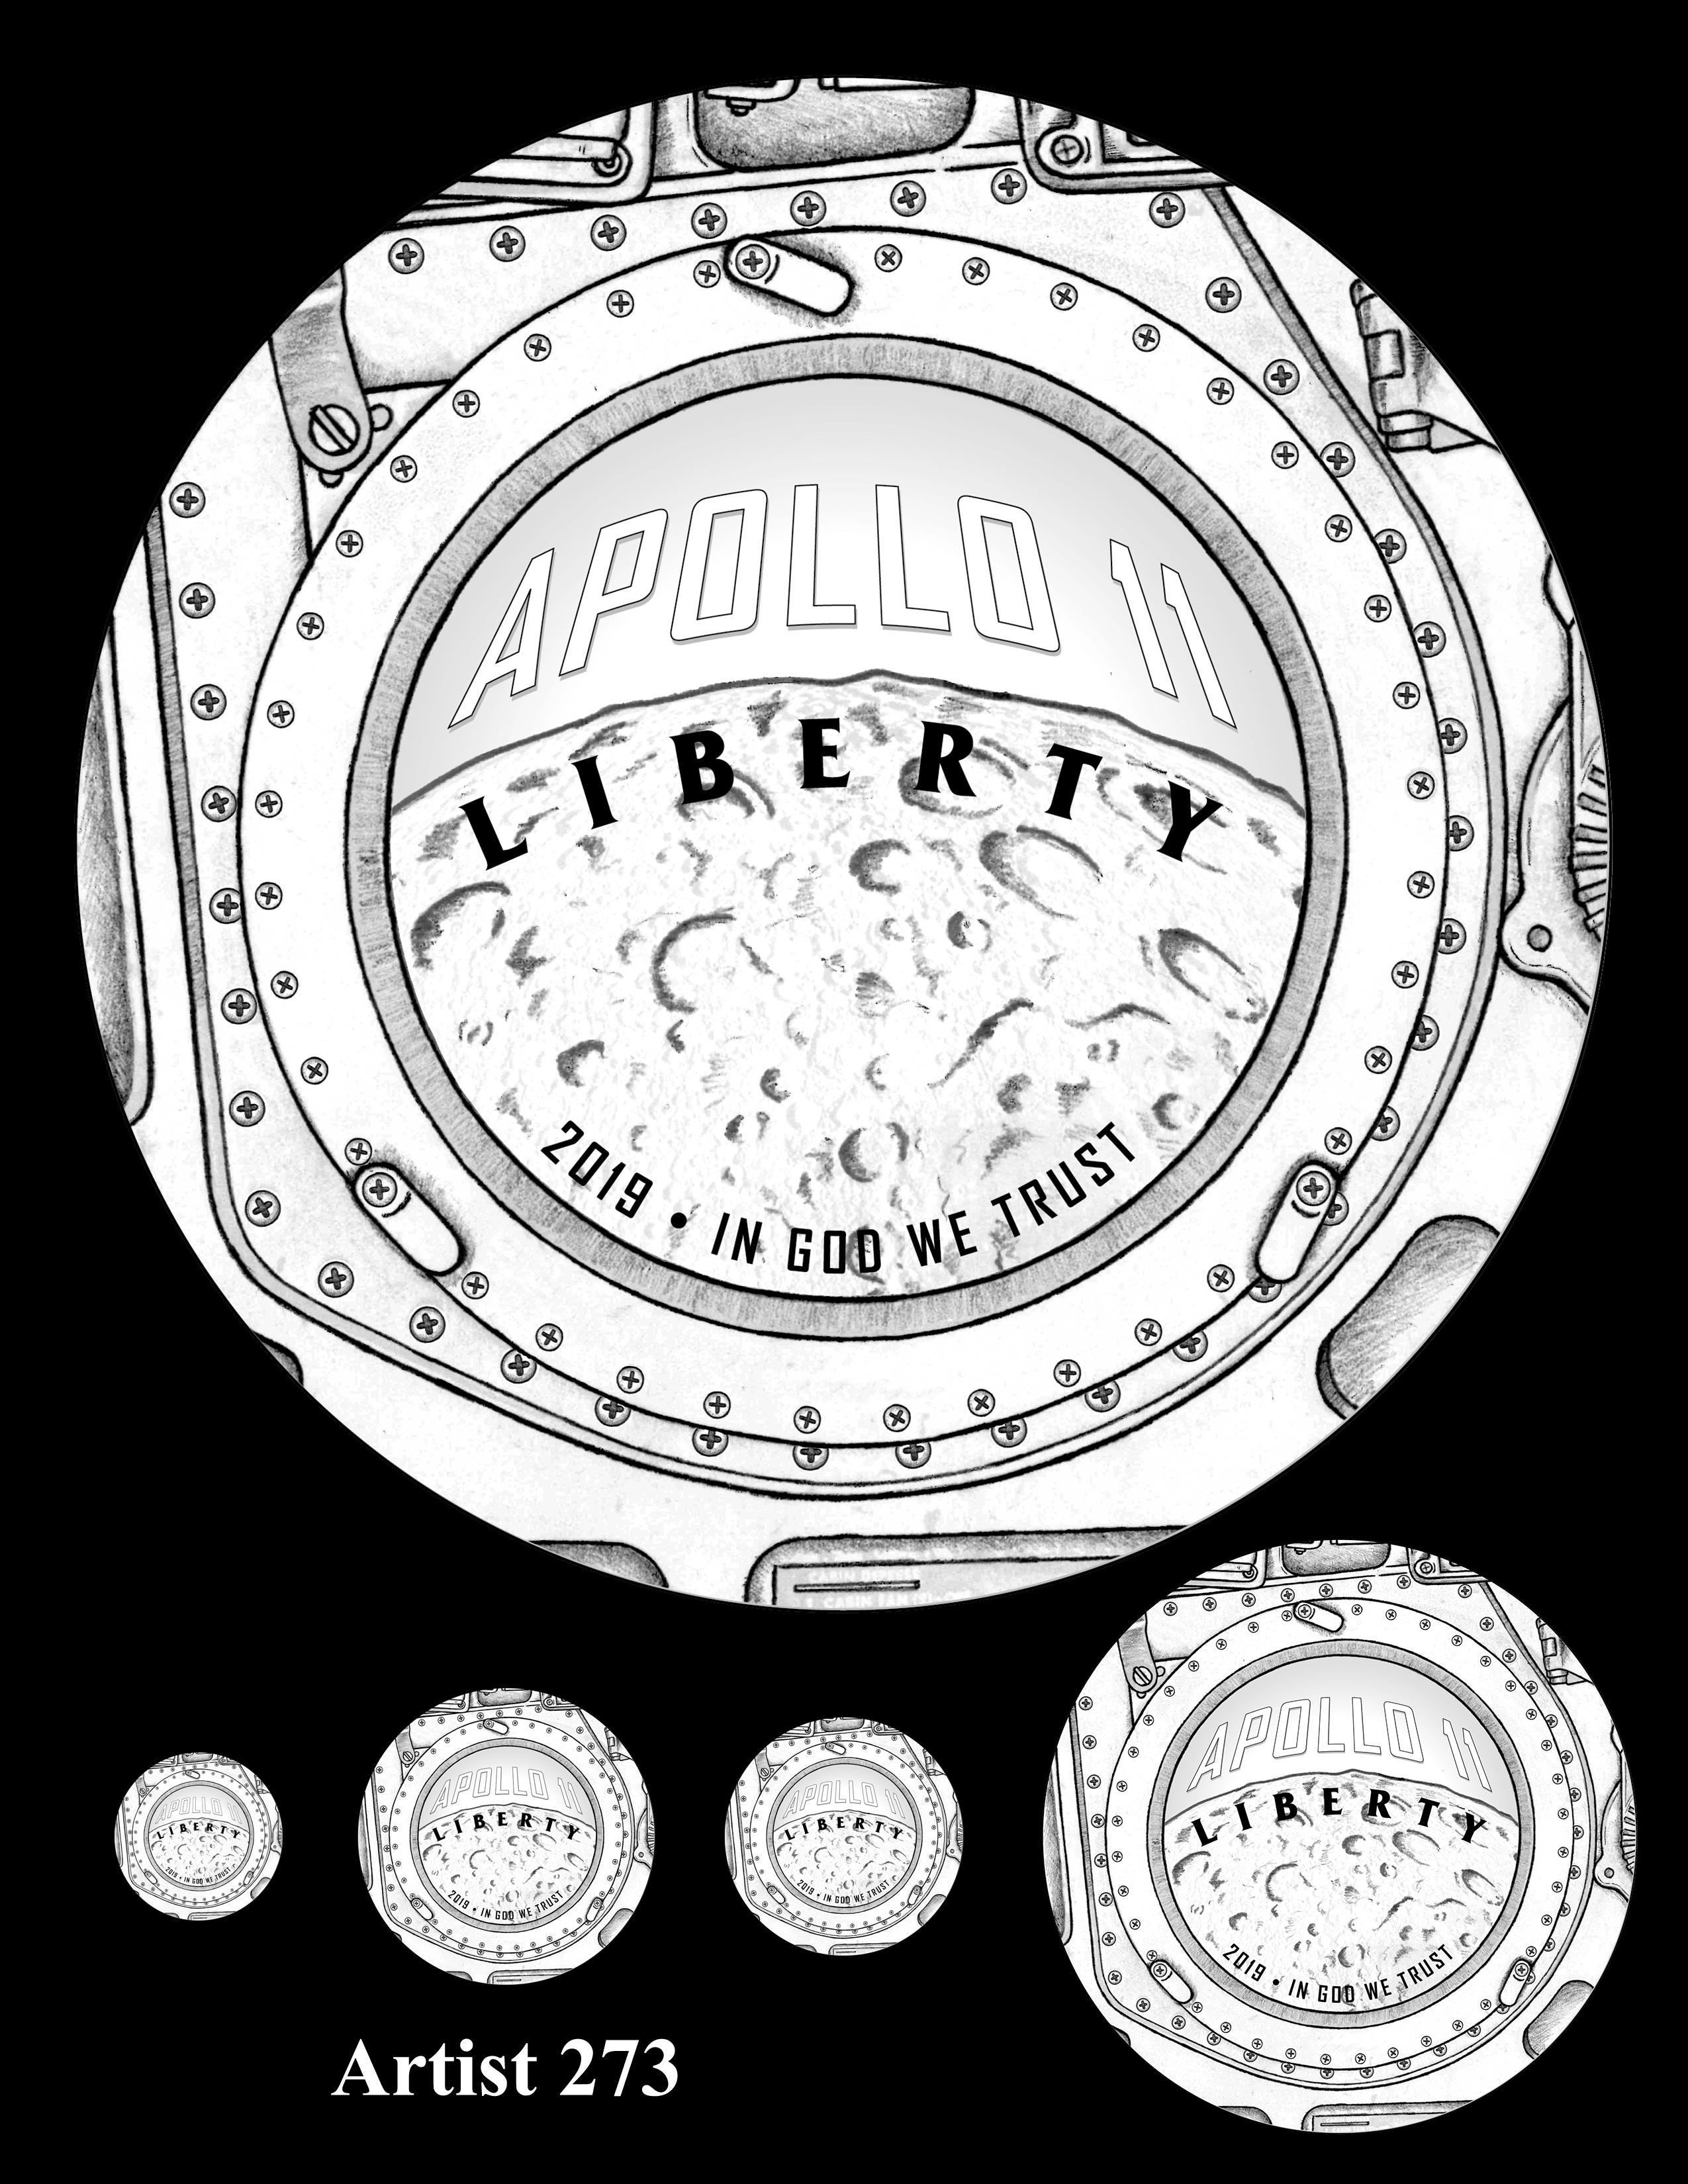 Artist 273 -- Apollo 11 50th Anniversary Commemorative Coin Obverse Design Competition